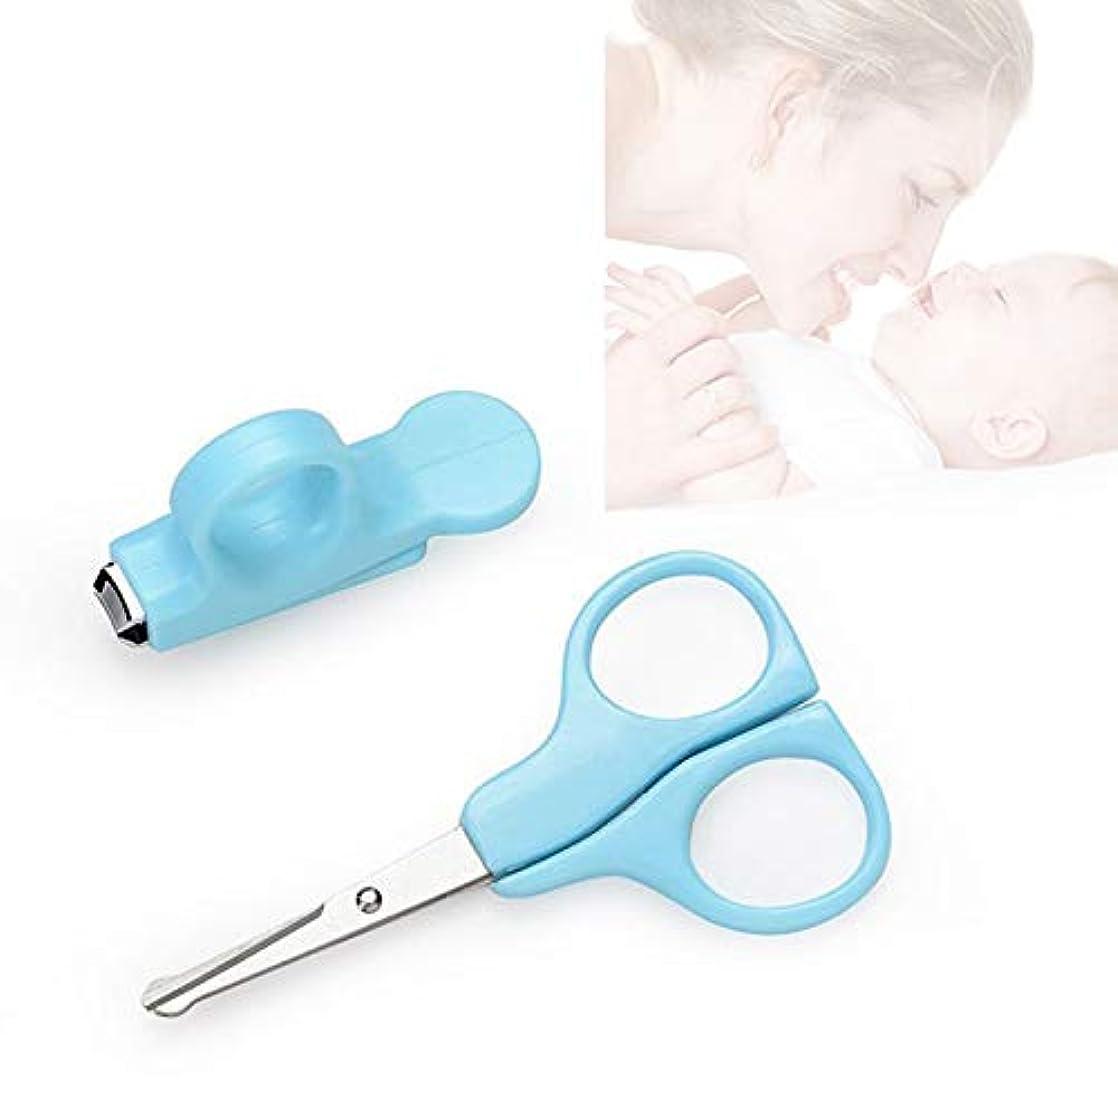 誕生観客通常CELINEZL 1つの赤ん坊の釘クリッパーはさみのキット、ランダムな色配達に付きCELINEZL 2つ